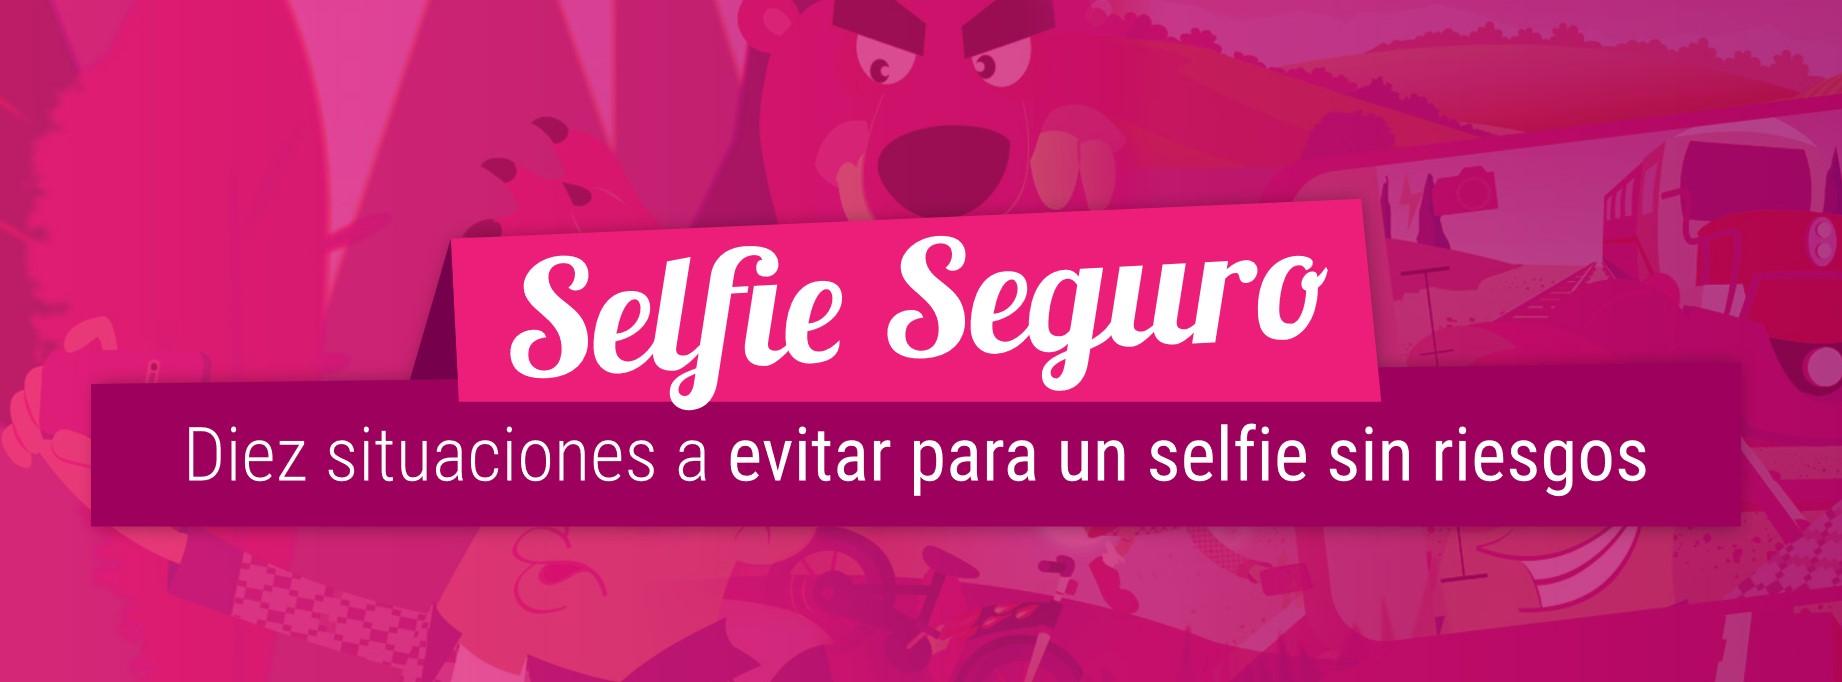 selfieseguro-decalogo-10-consejos-selfie-seguro-sin-riesgos